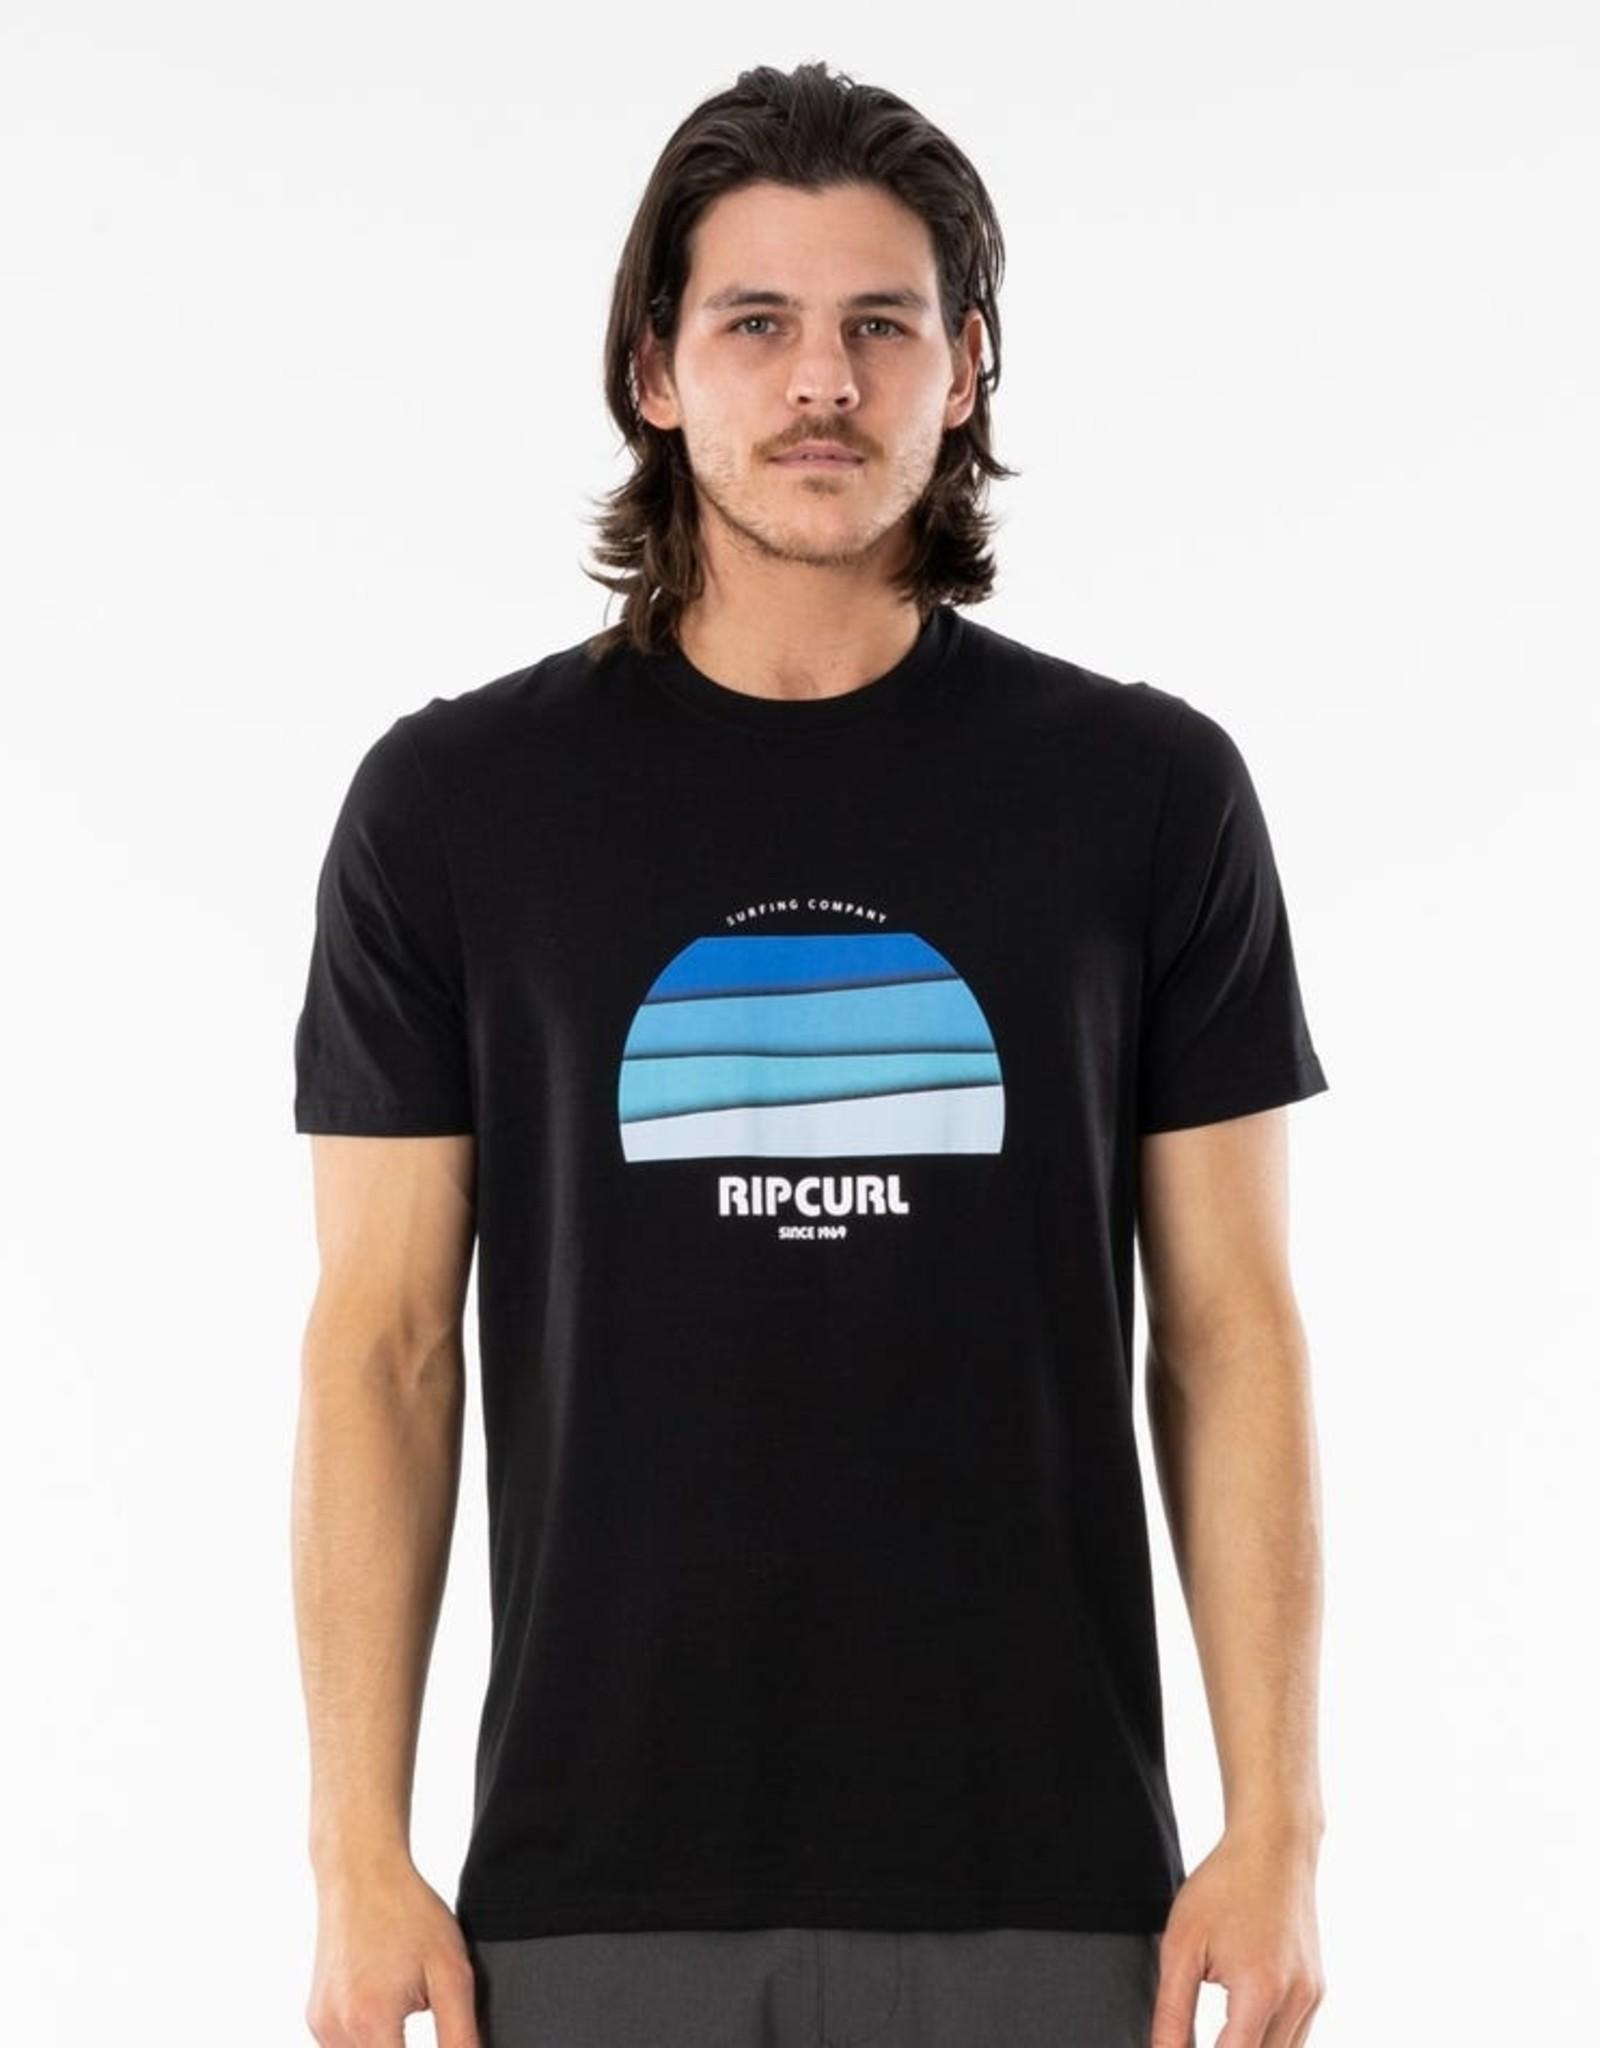 RIPCURL SURF REVIVAL HEY MUMA TEE CTERP9